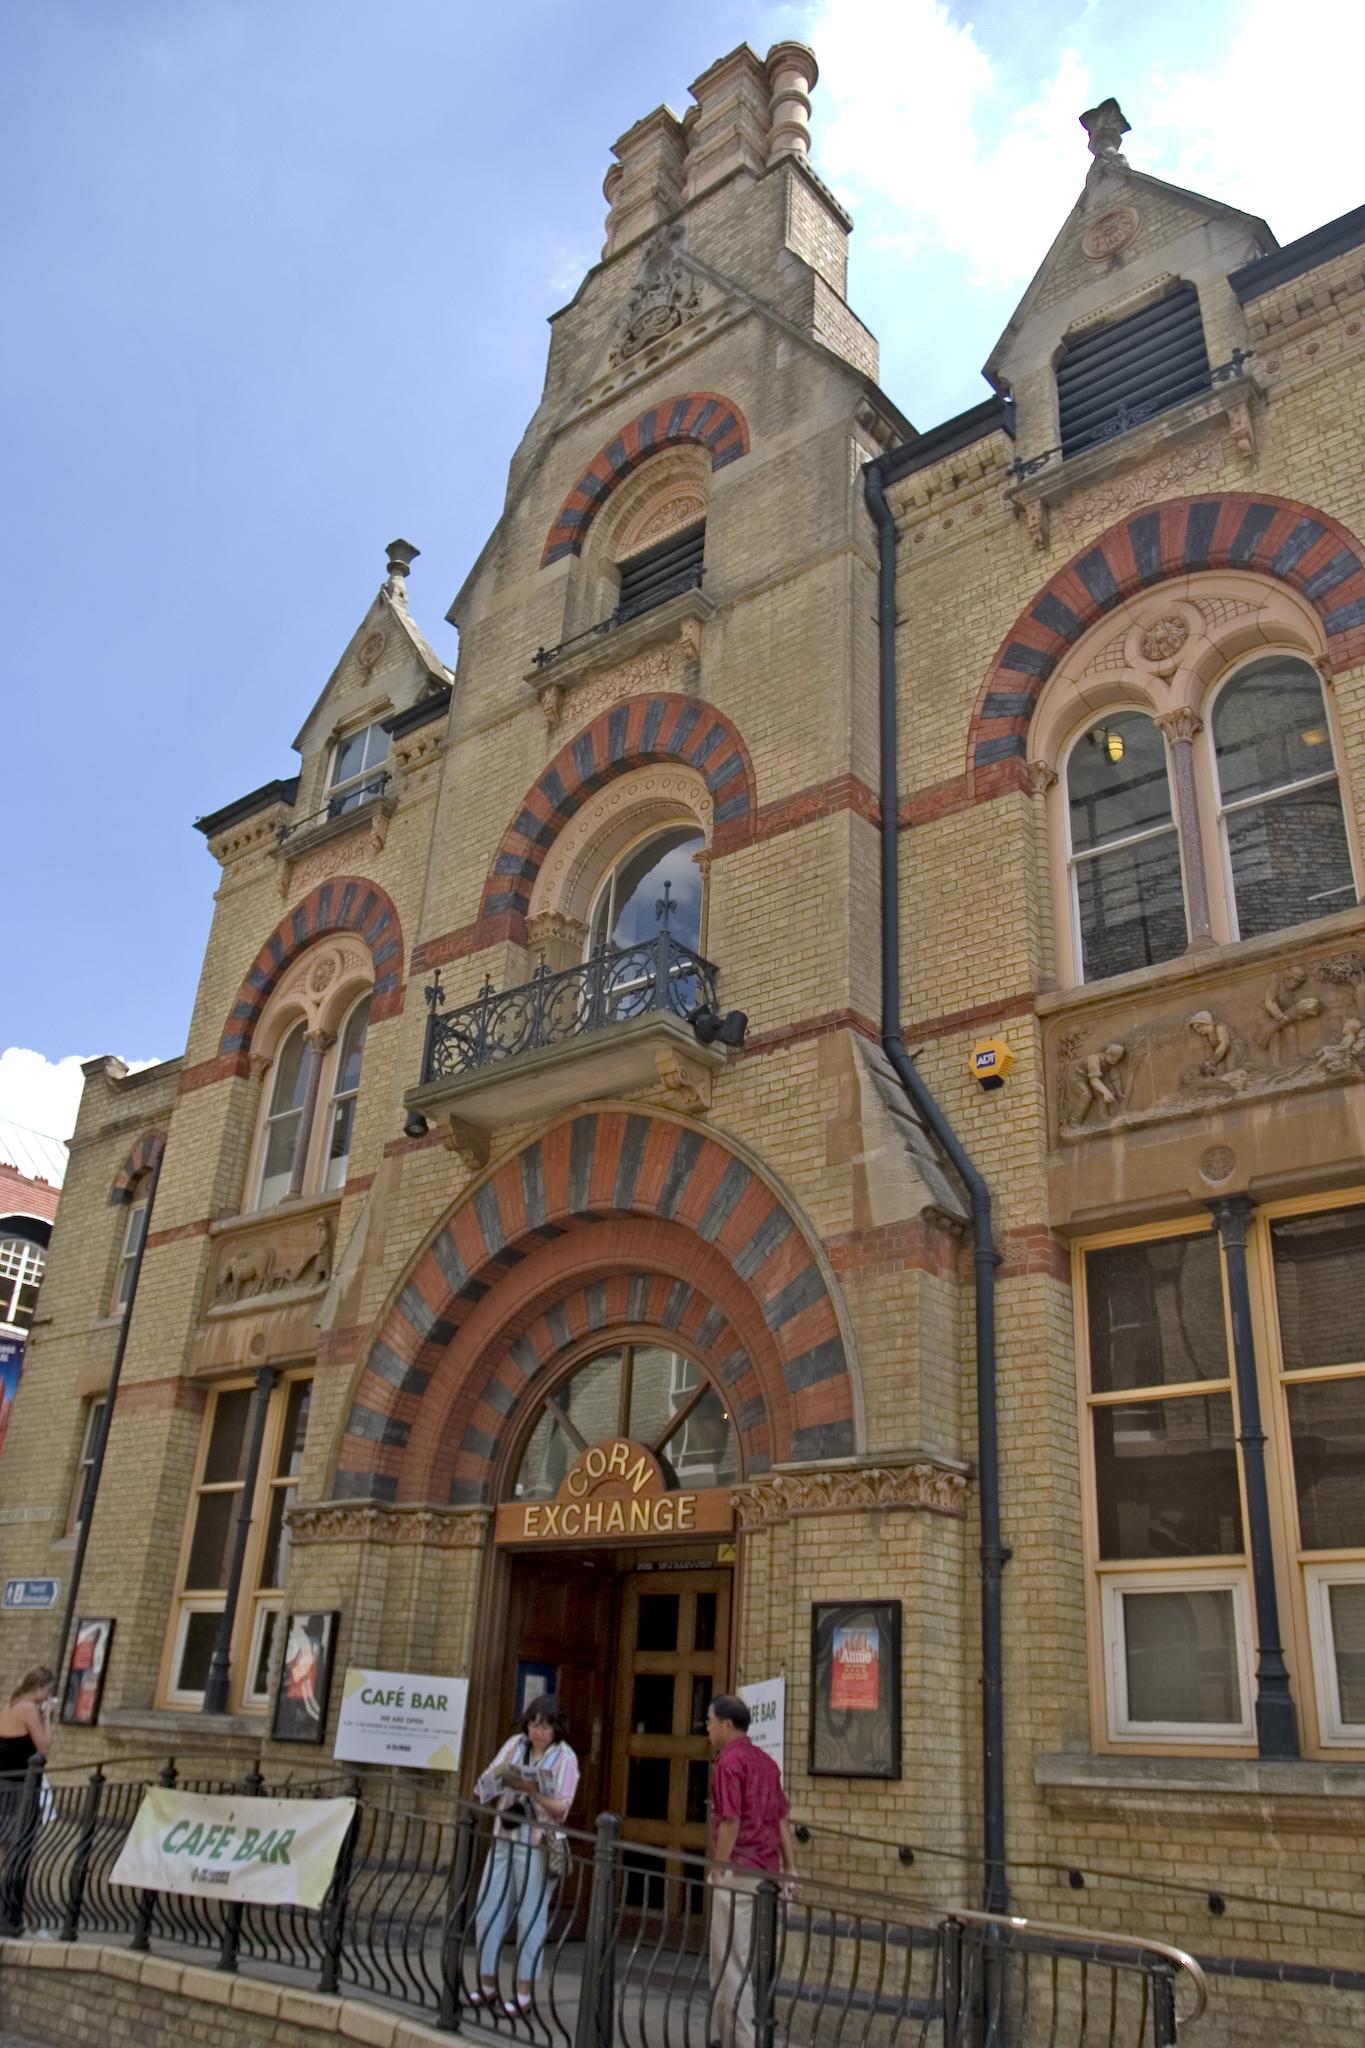 Cambridge Corn Exchange  Wikipedia